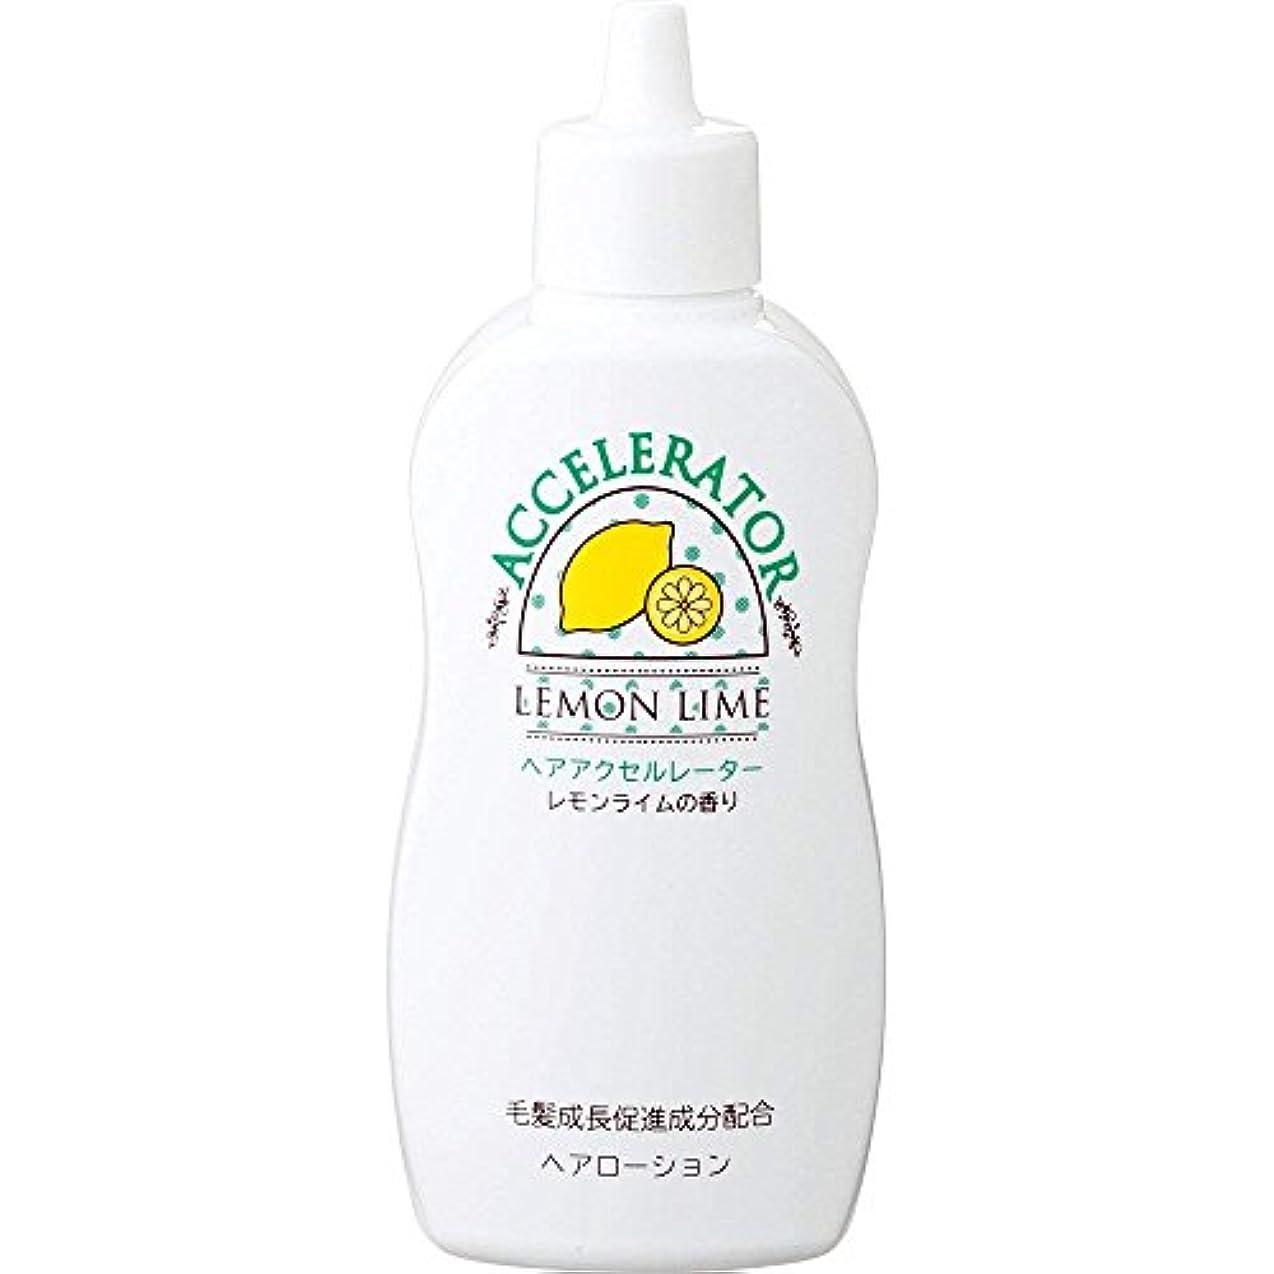 フォームマークされたホールヘアアクセルレーターL (レモンライムの香り) 150mL×6個